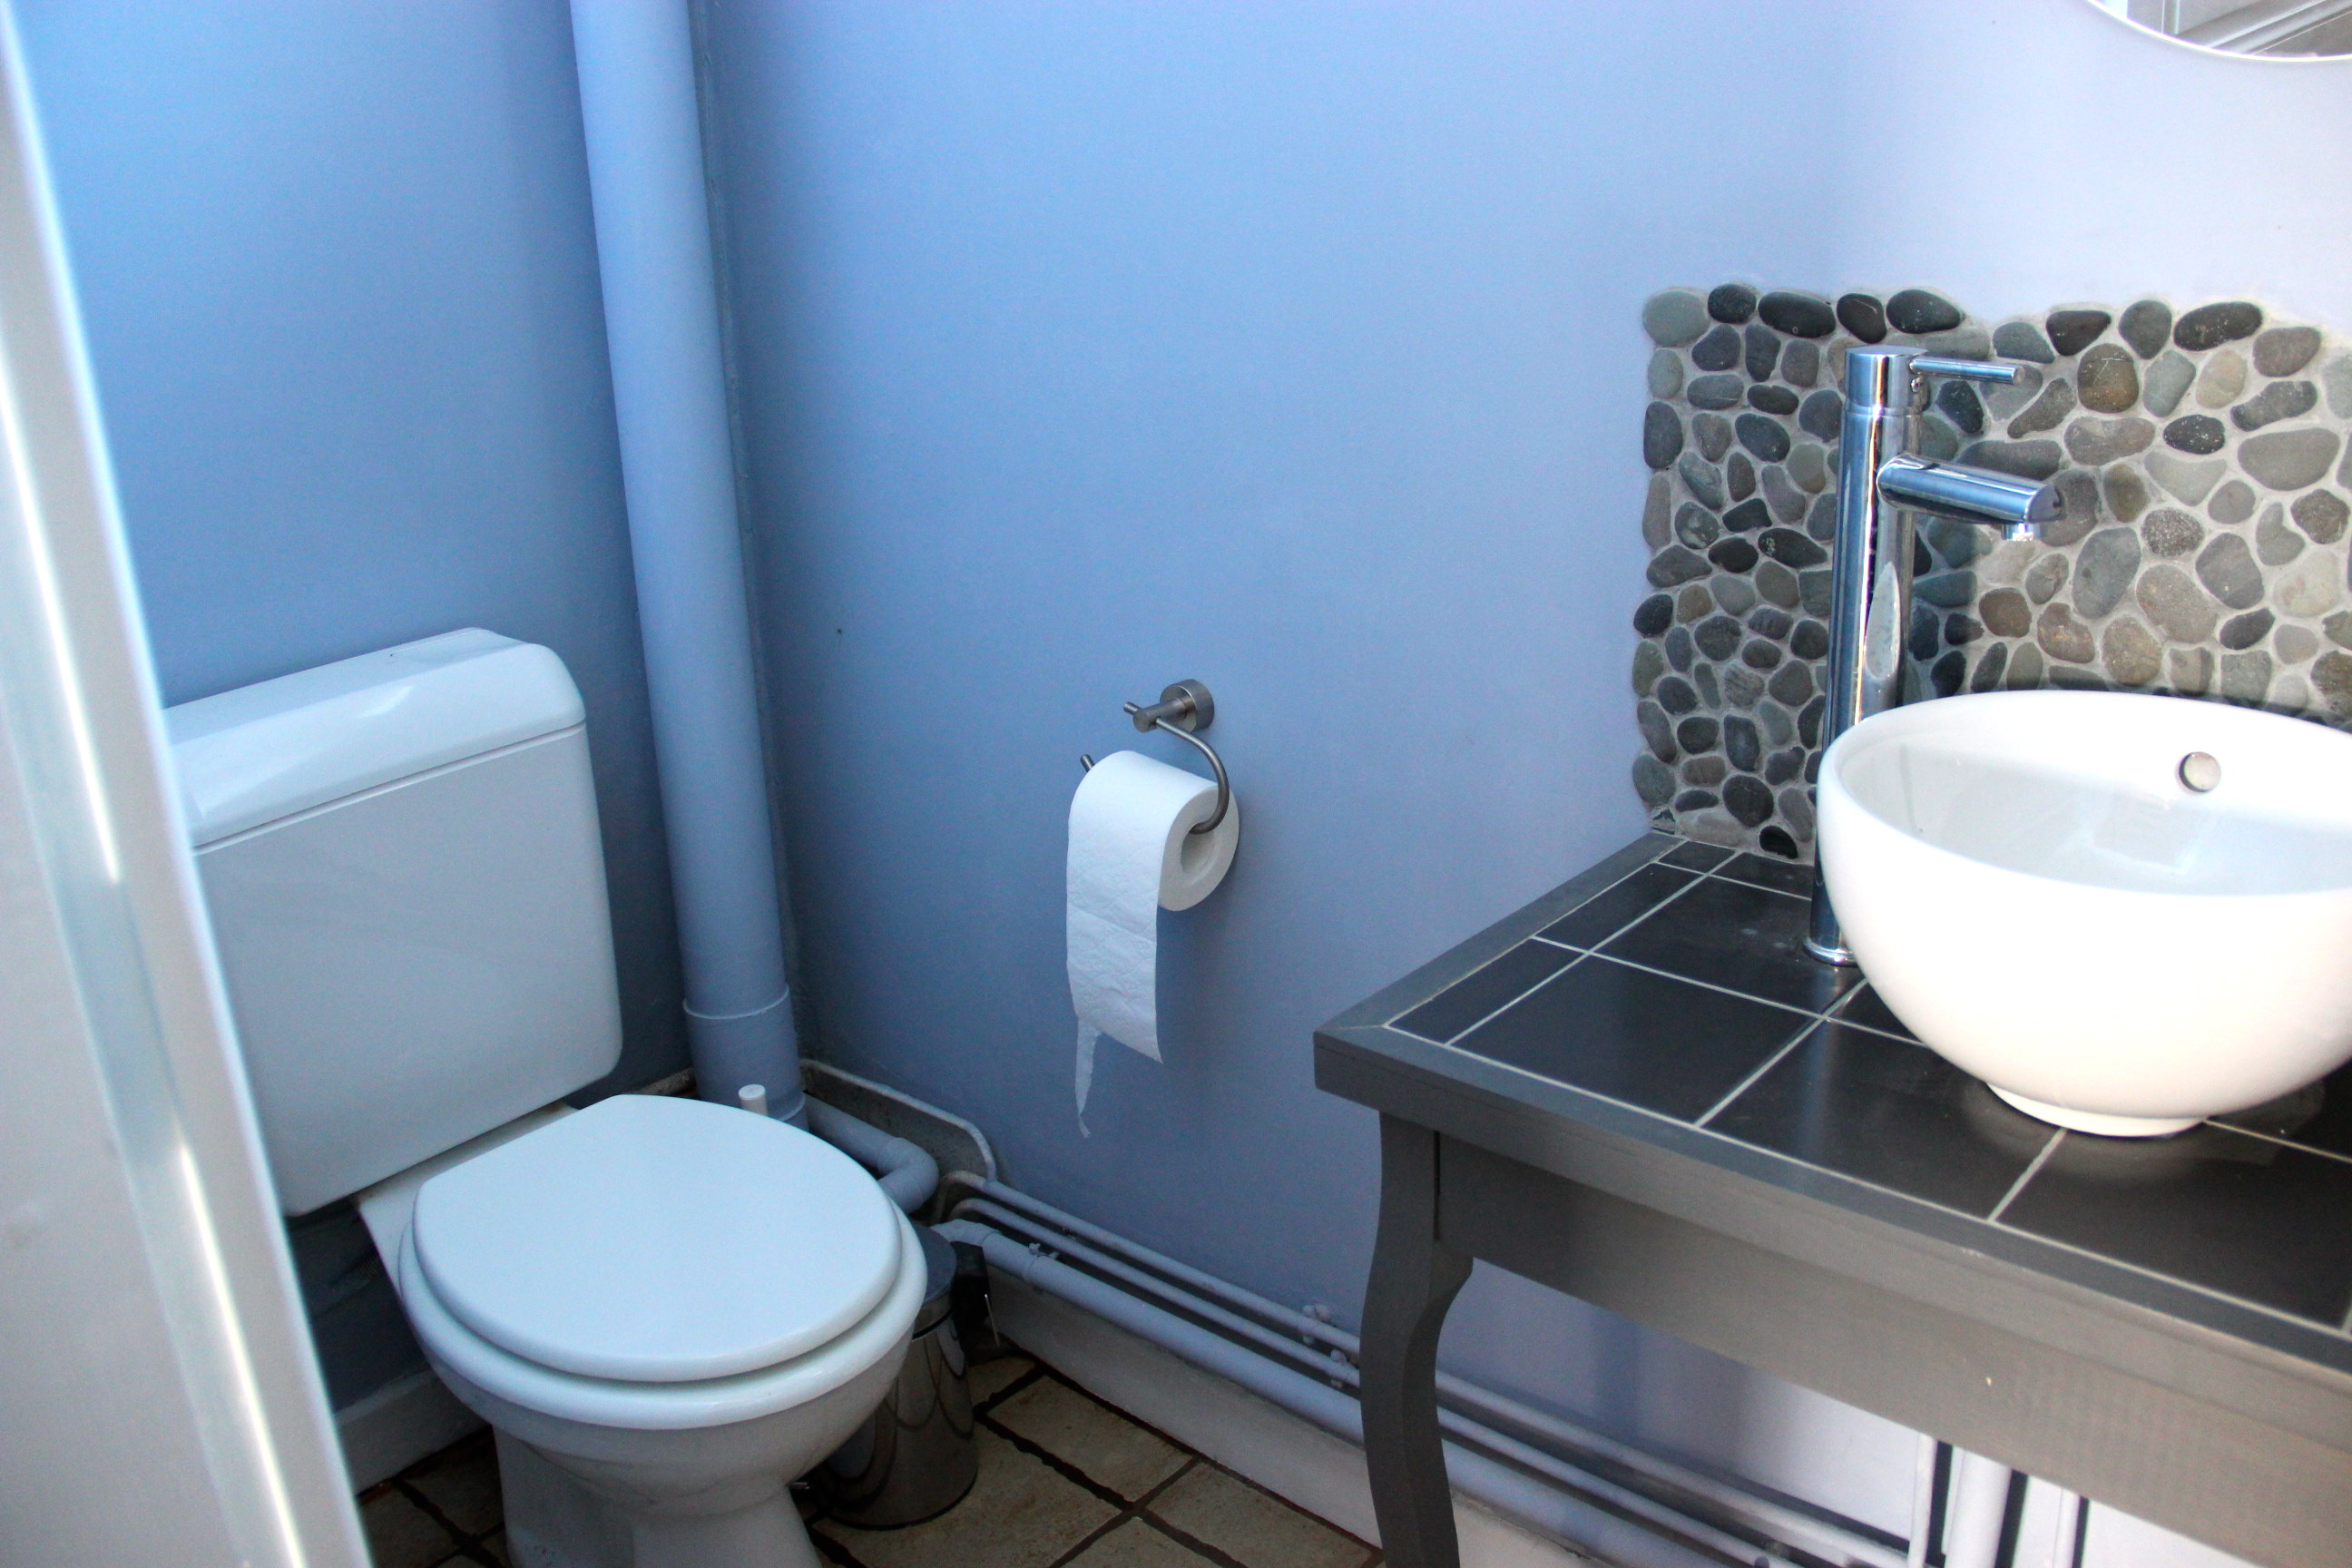 Peindre la cuvette des toilettes - Relooker ses wc ...